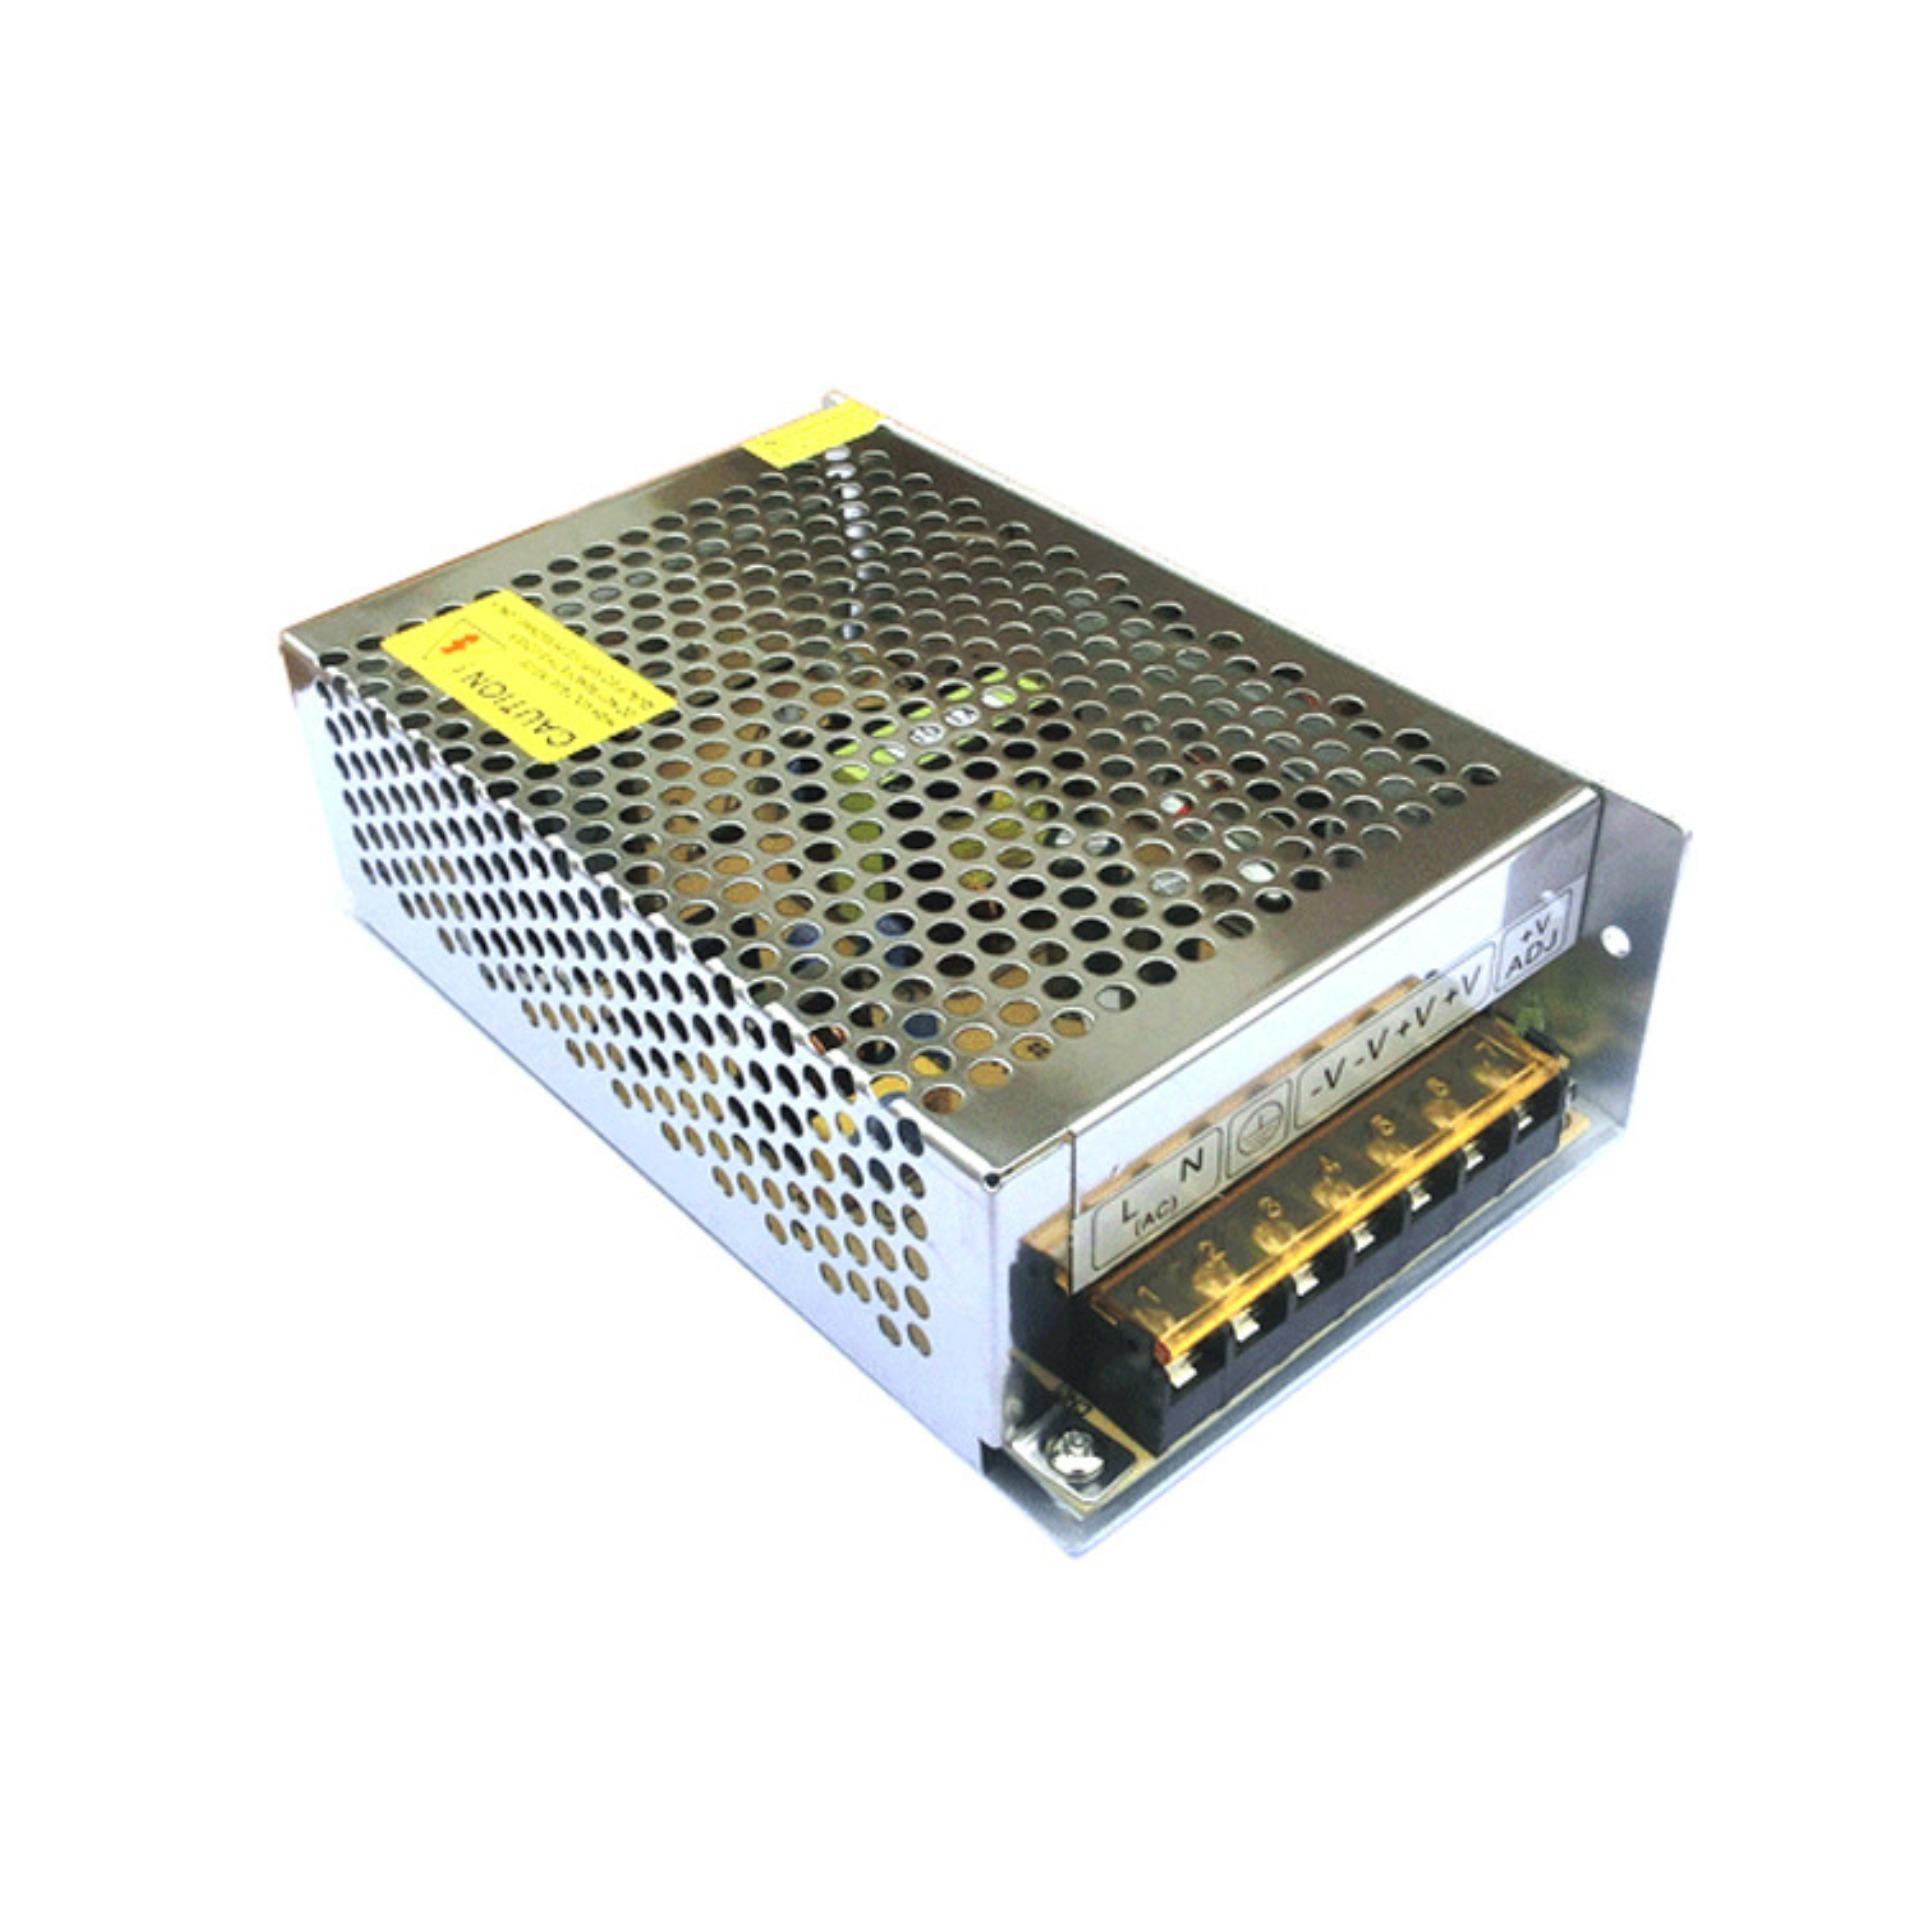 Giá Bộ chuyển đồi nguồn điện 220V sang 12V-15A tổ ong (DC)